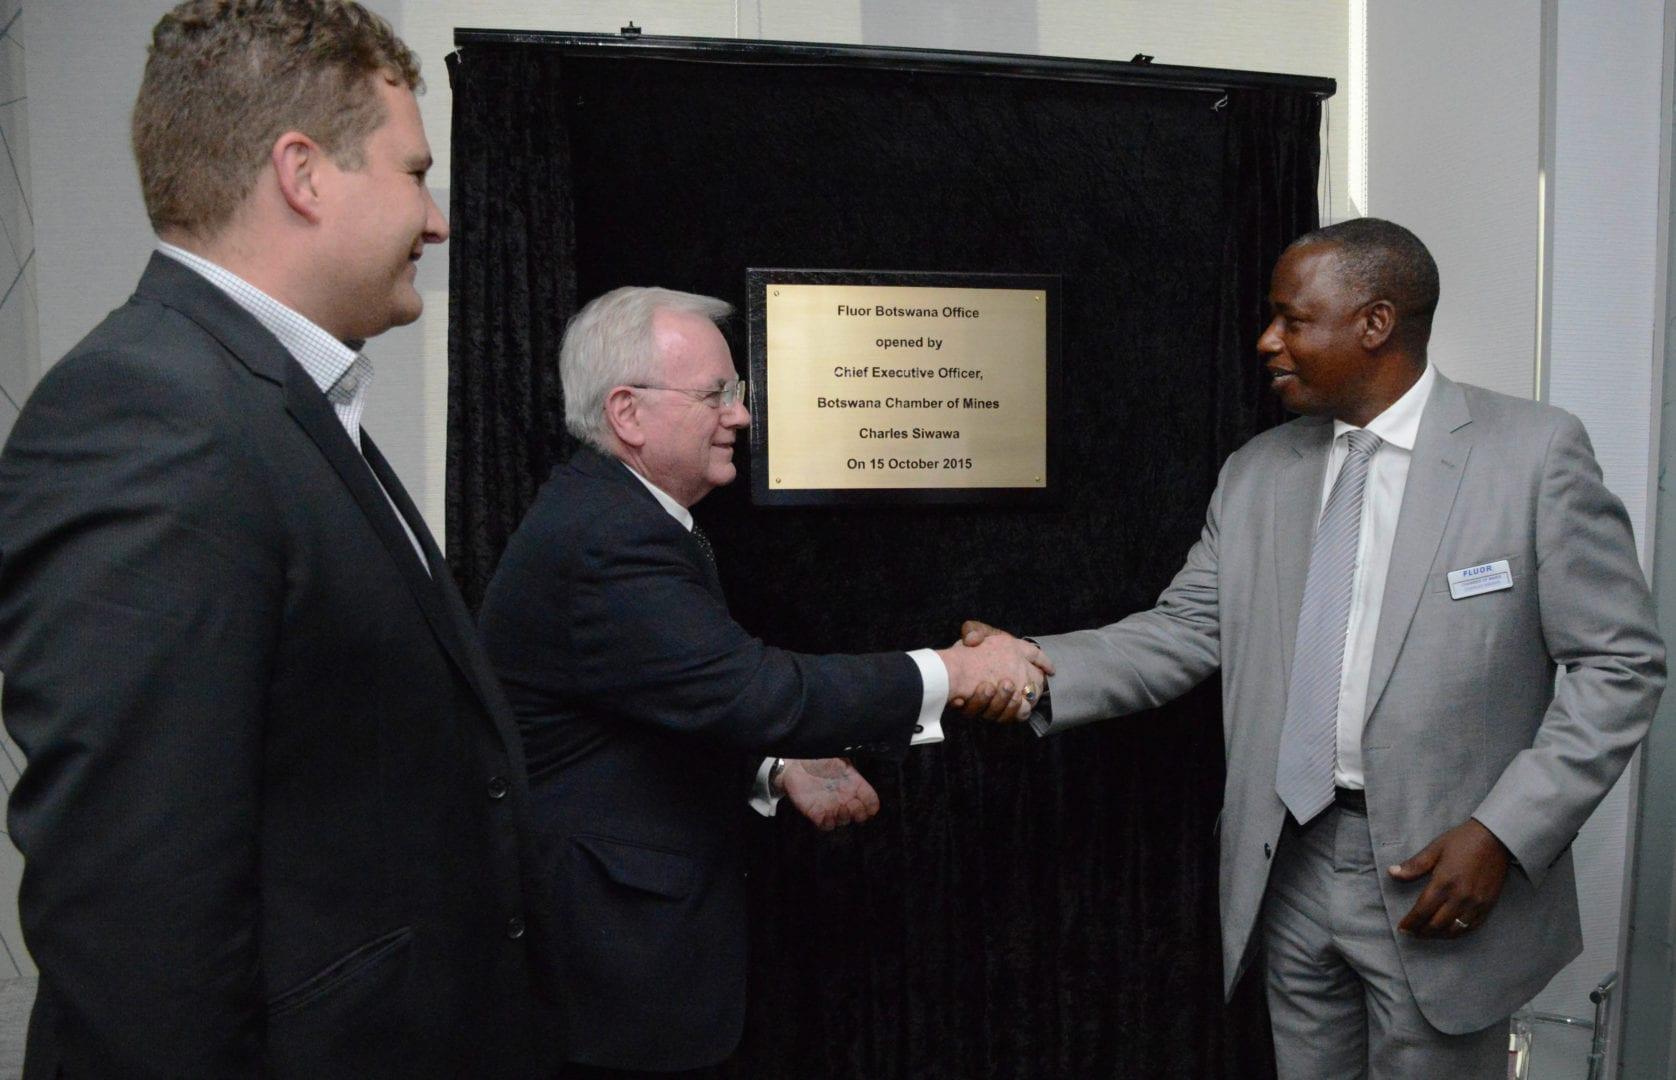 Fluor opens doors to Botswana office